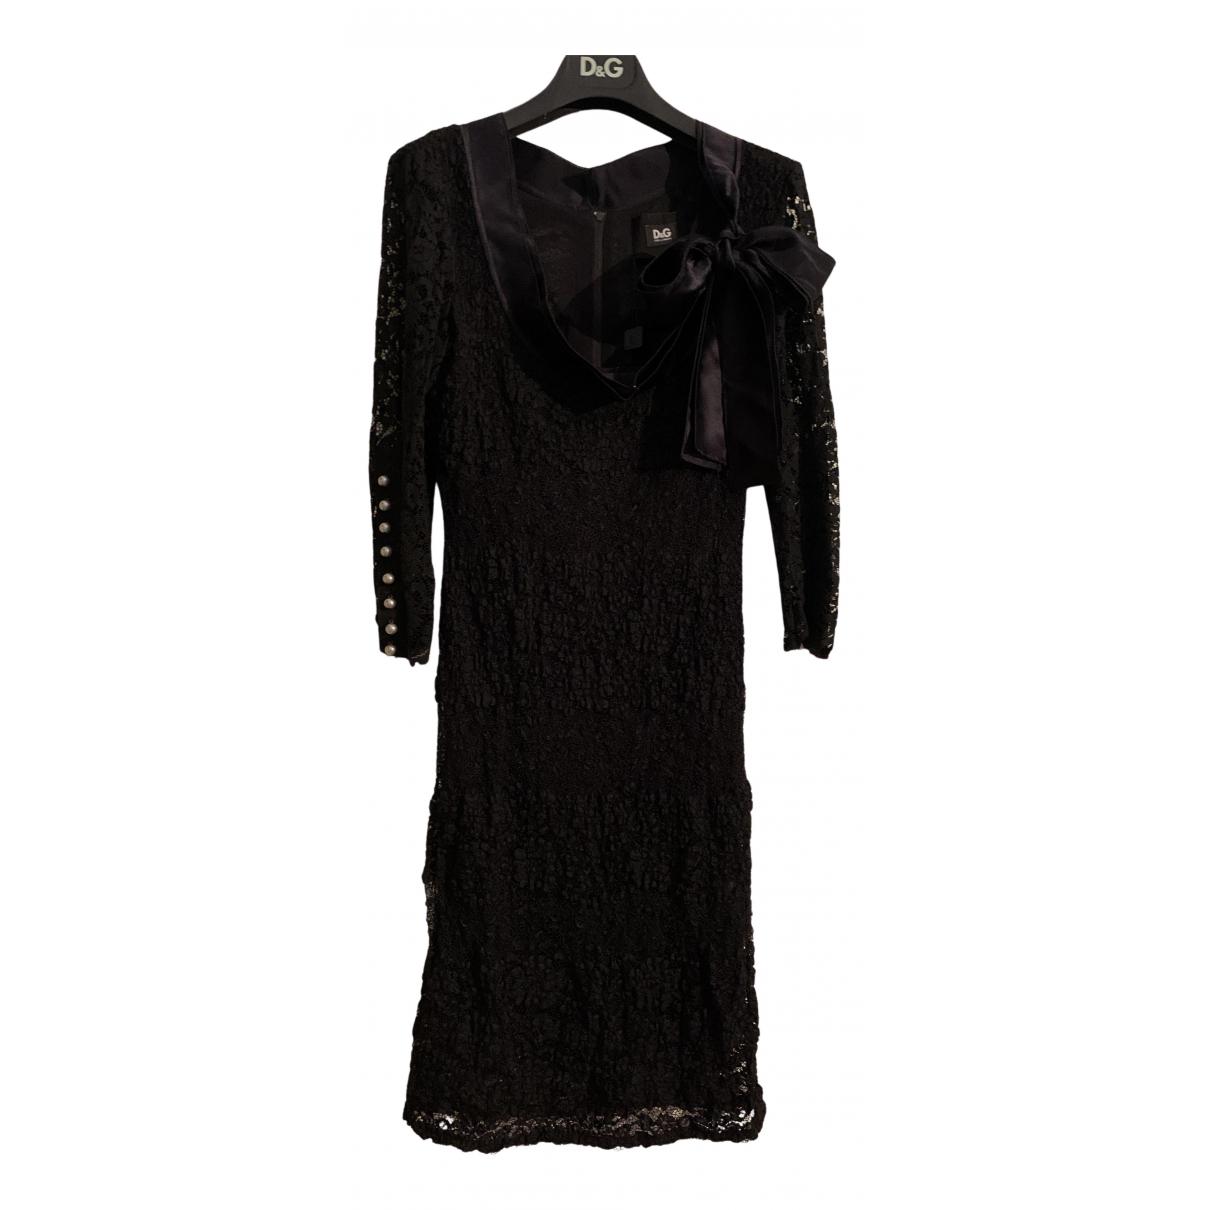 Vestido de Seda D&g